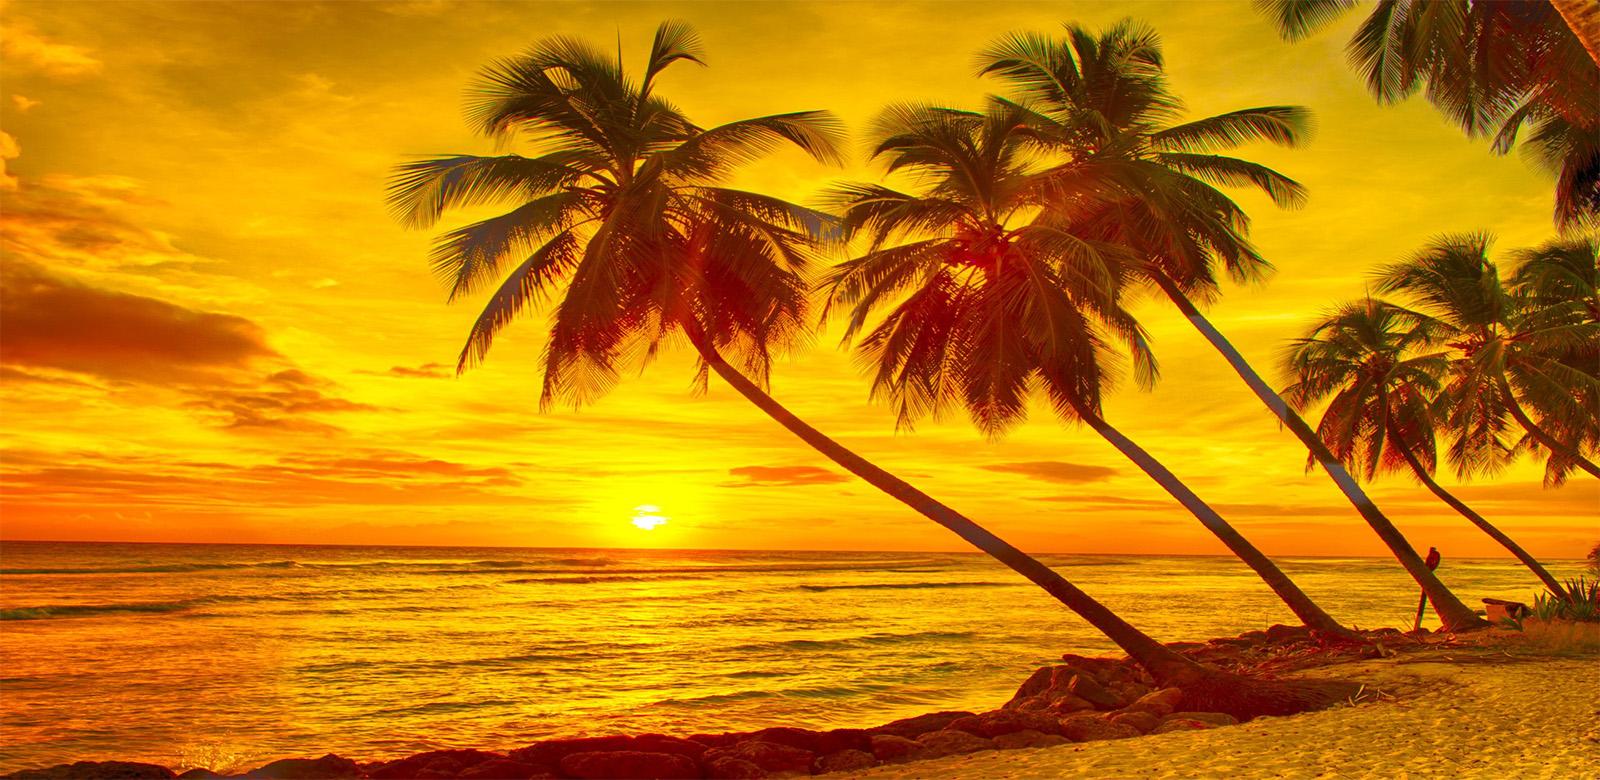 ชมพระอาทิตย์ตกบนชายหาด